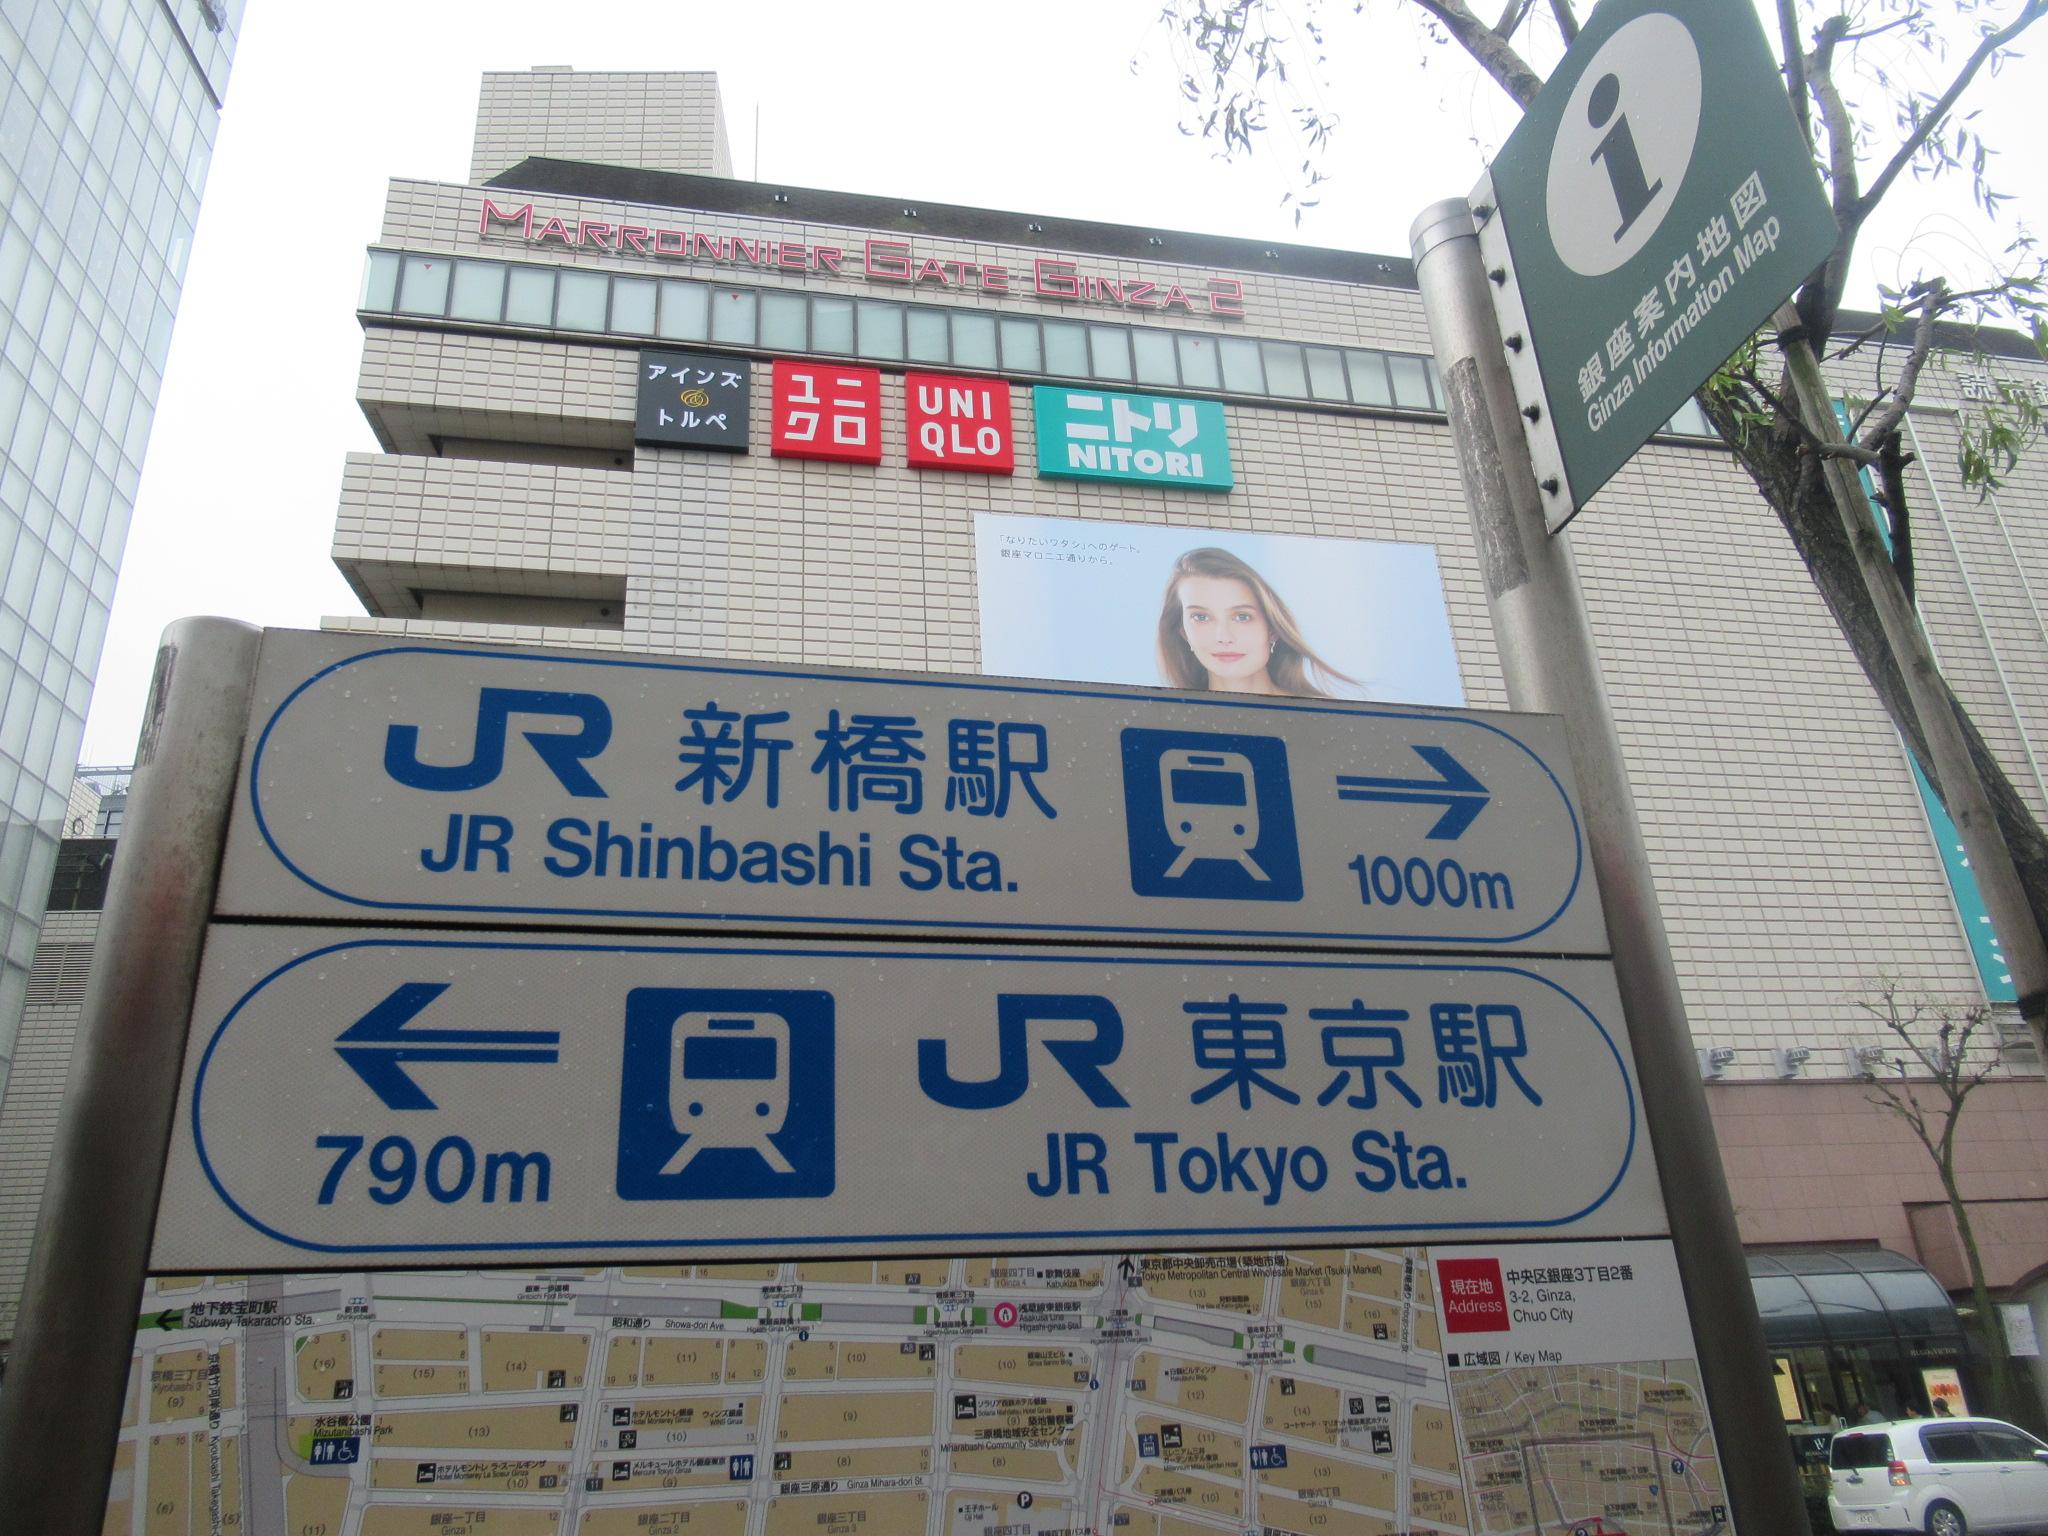 東京駅まで790mと書かれたプランタン銀座前の看板